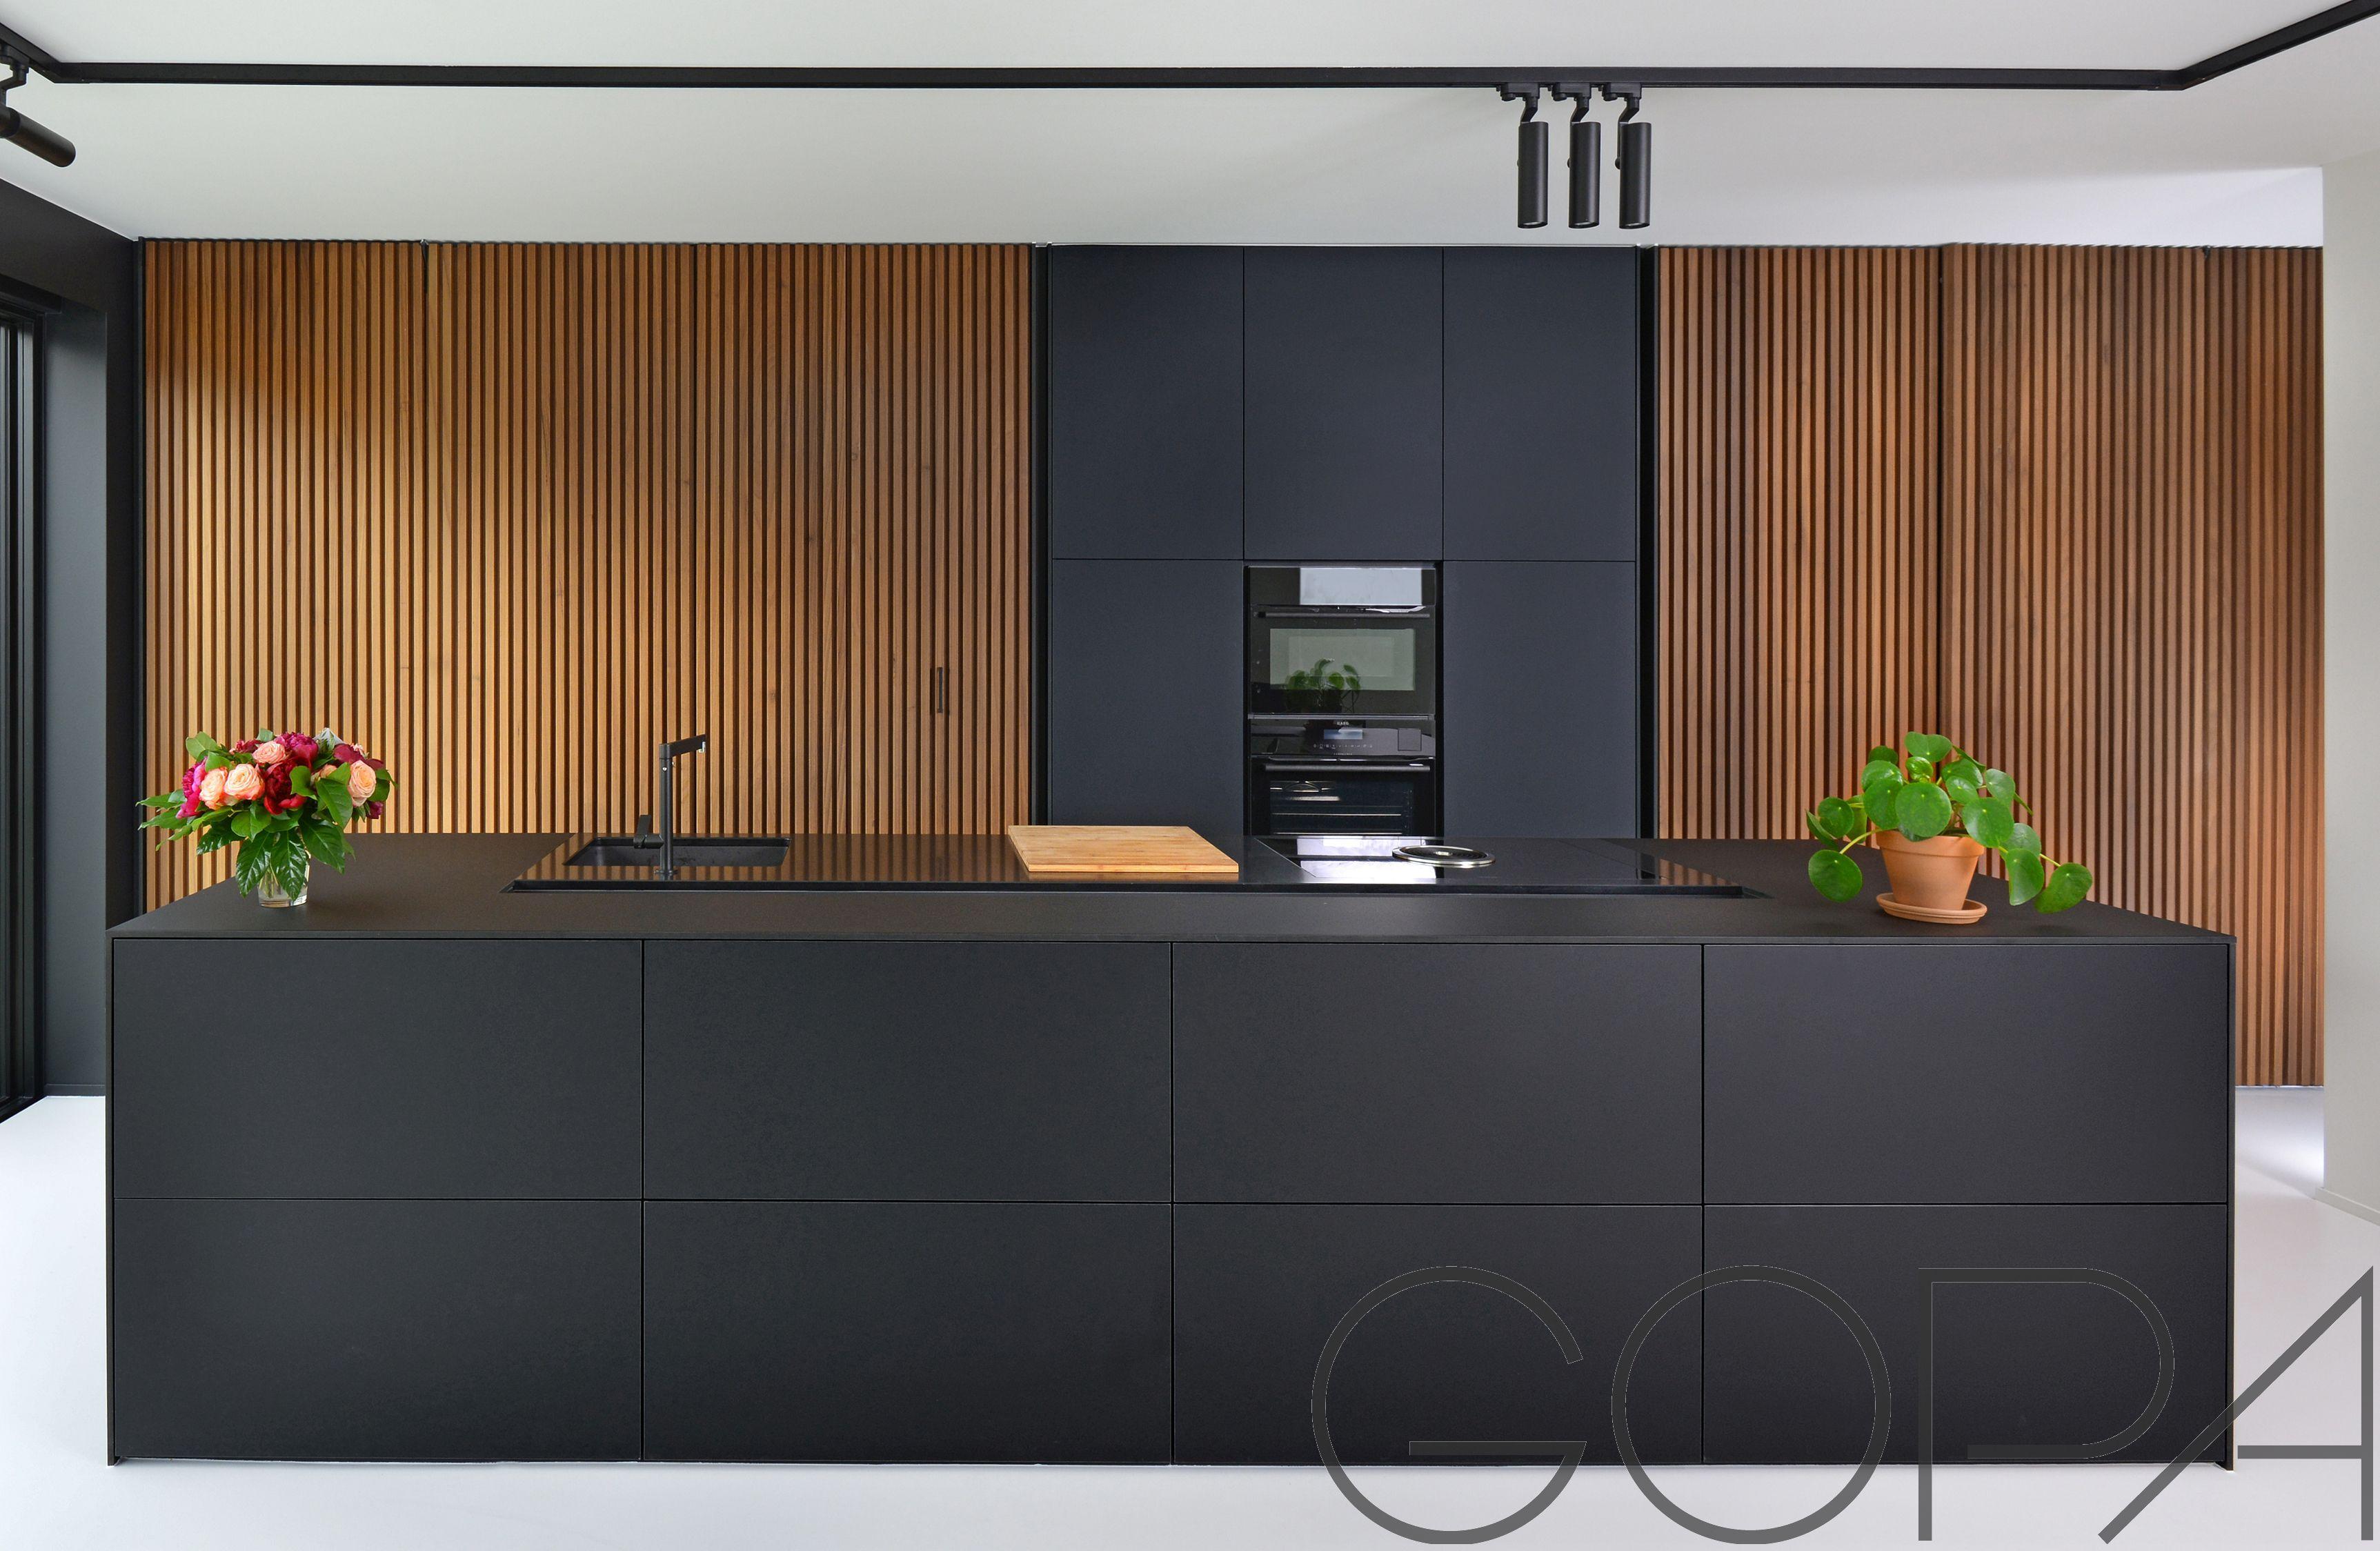 Keukenkast Met Werkblad : Formica keuken verven nieuwe look voor kasten en werkblad